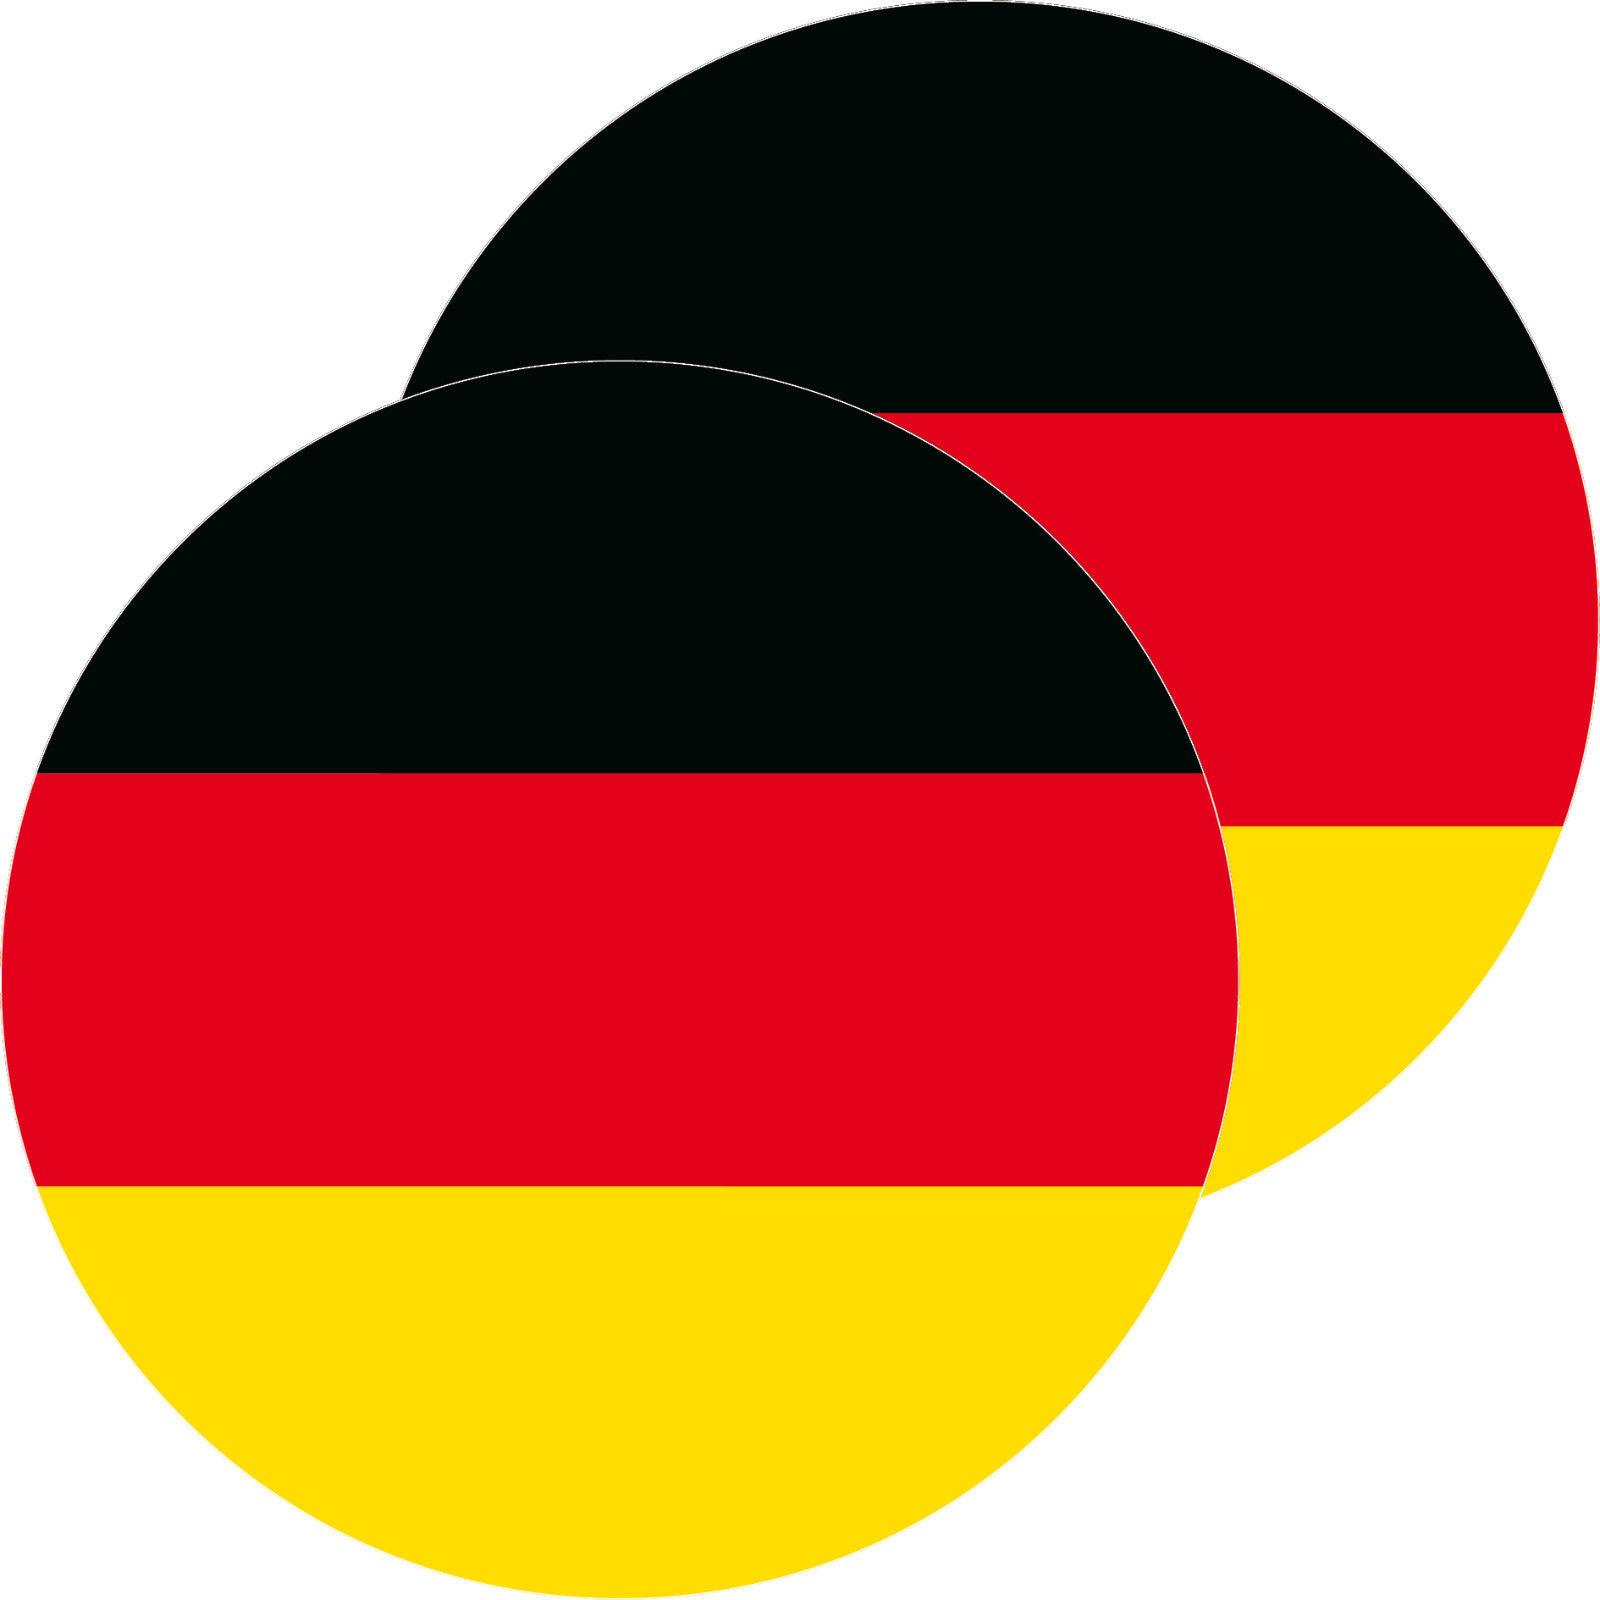 2 Aufkleber 10cm Rund Brd Sticker Deutschland Flagge Fahne Wm Em Fussball Deko